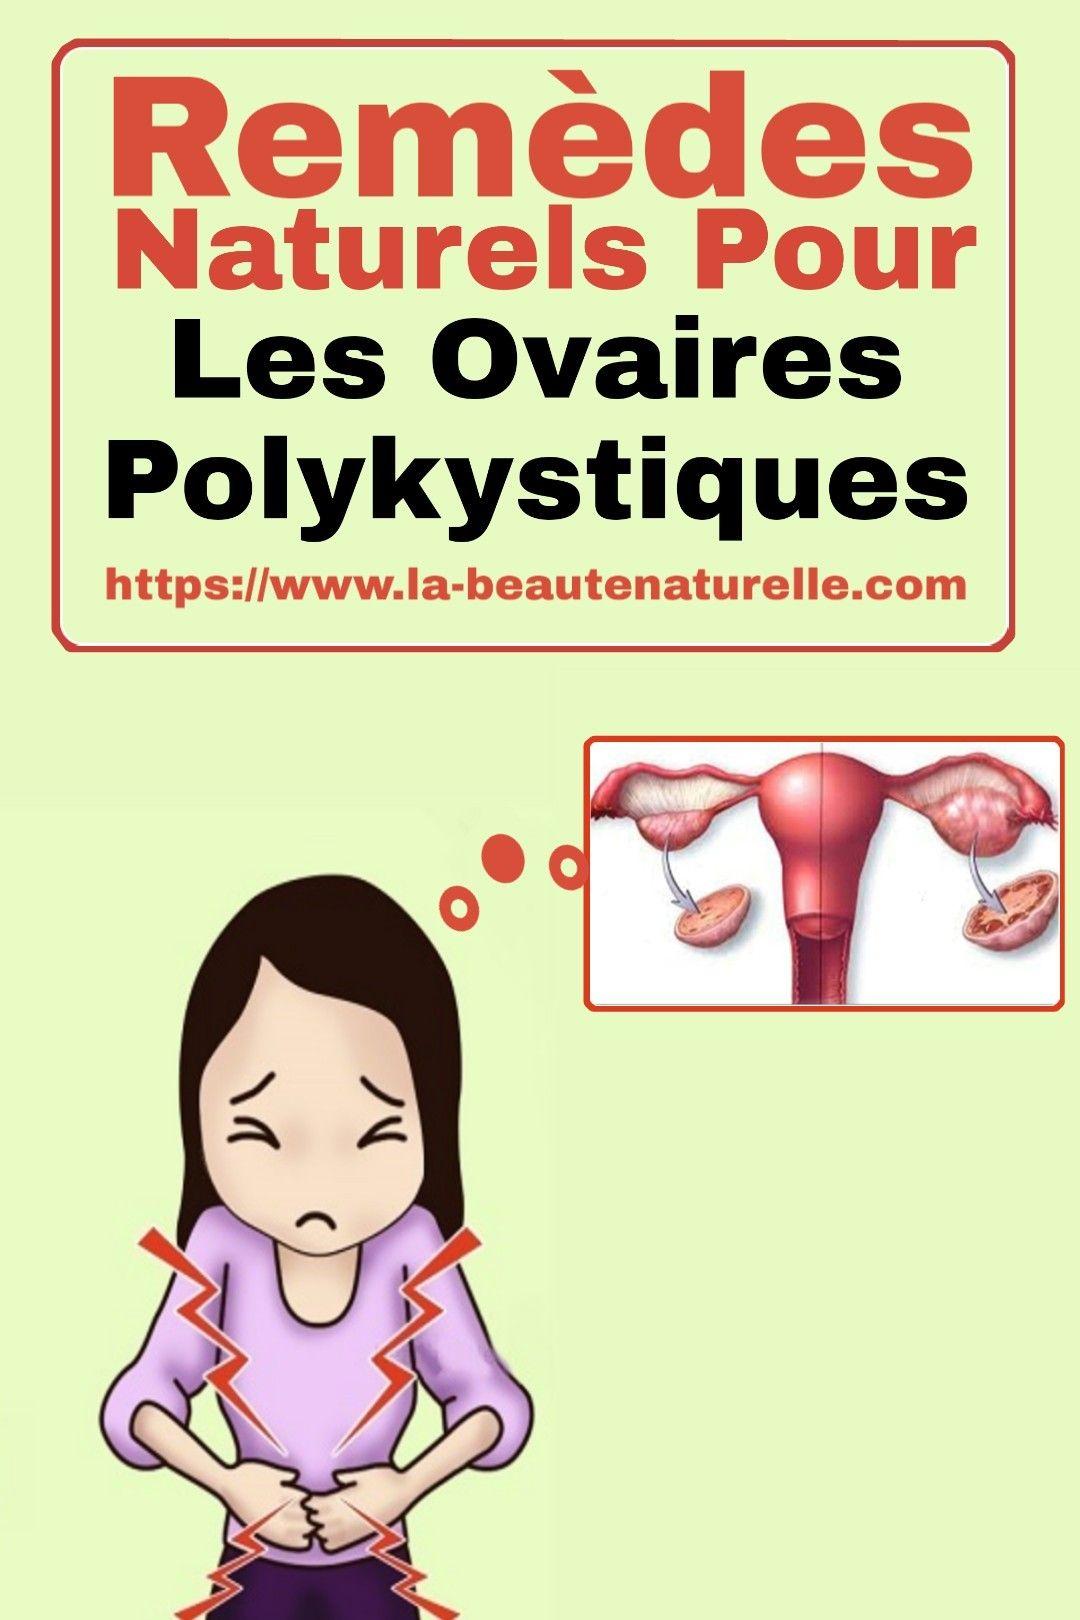 perdez-vous du poids avec des ovaires polykystiques perte de poids dirisine